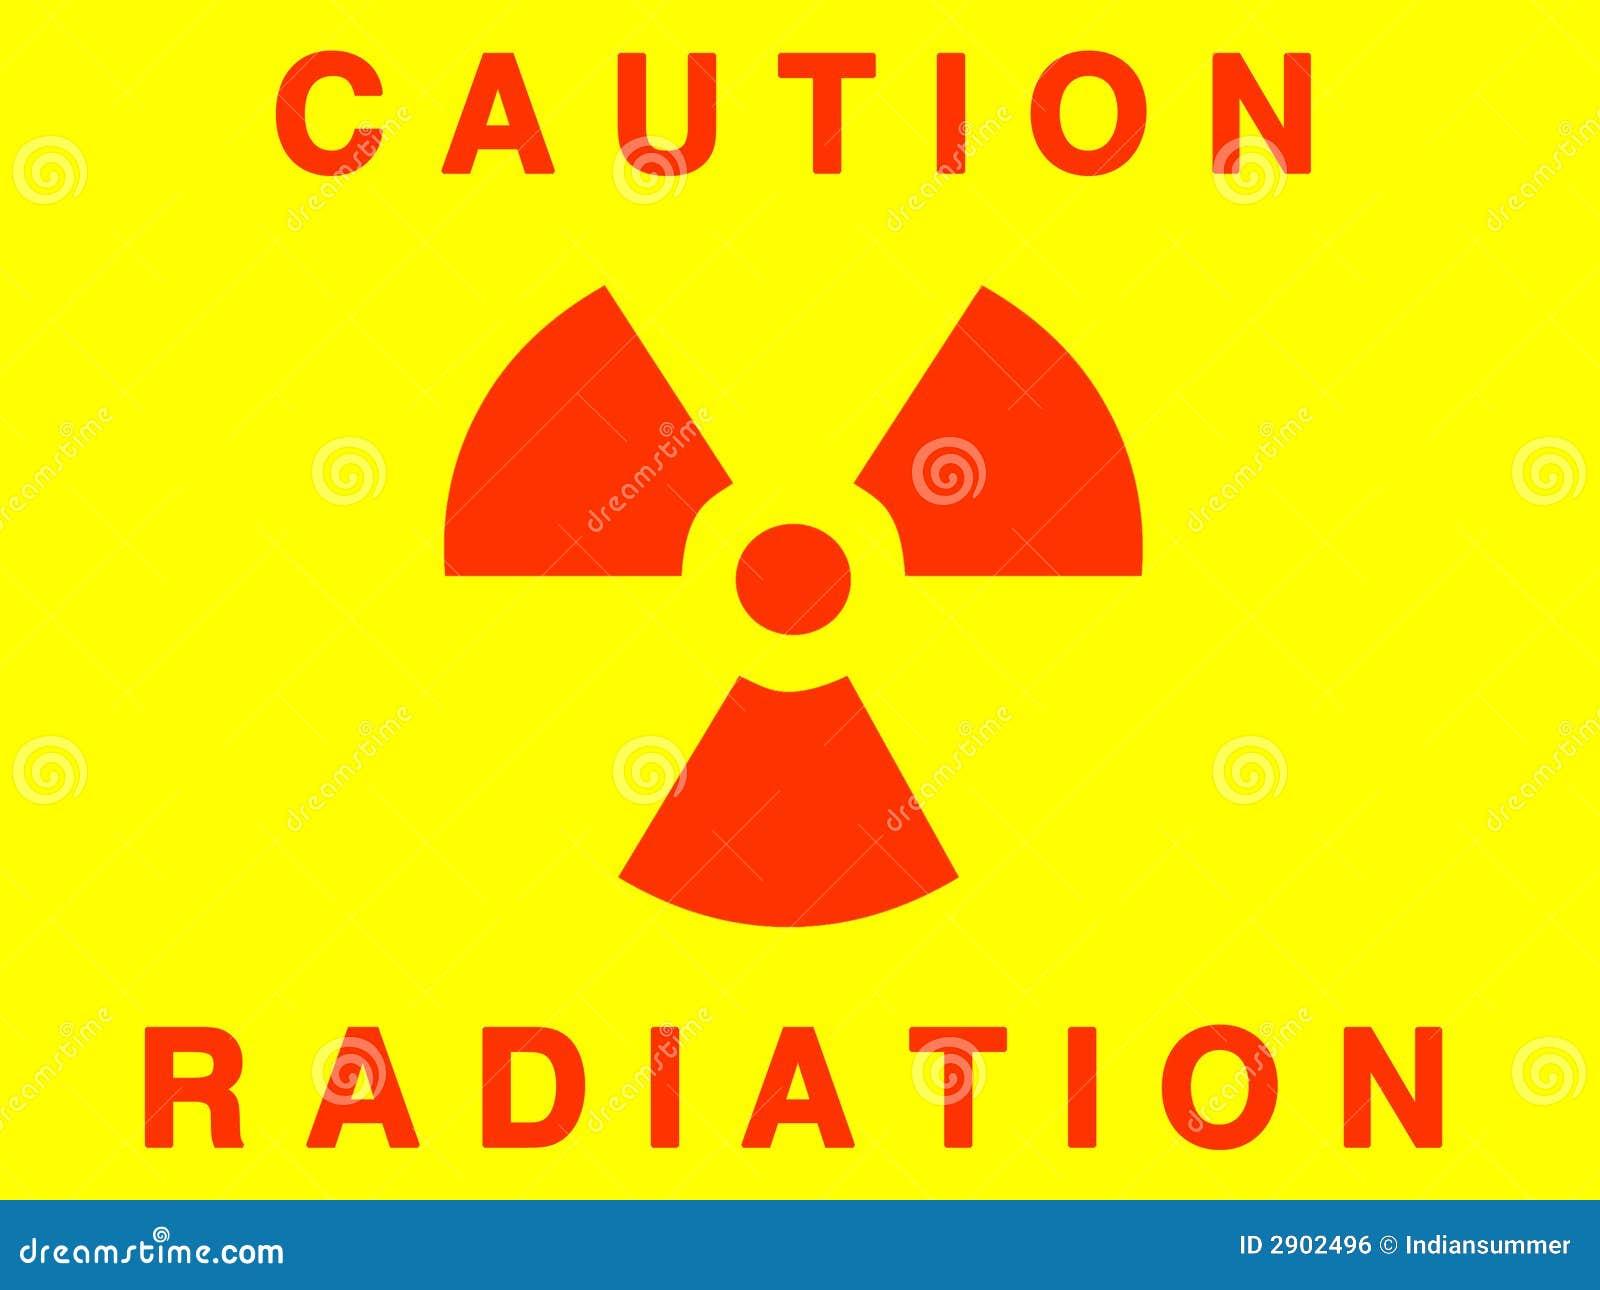 śladów promieniowania